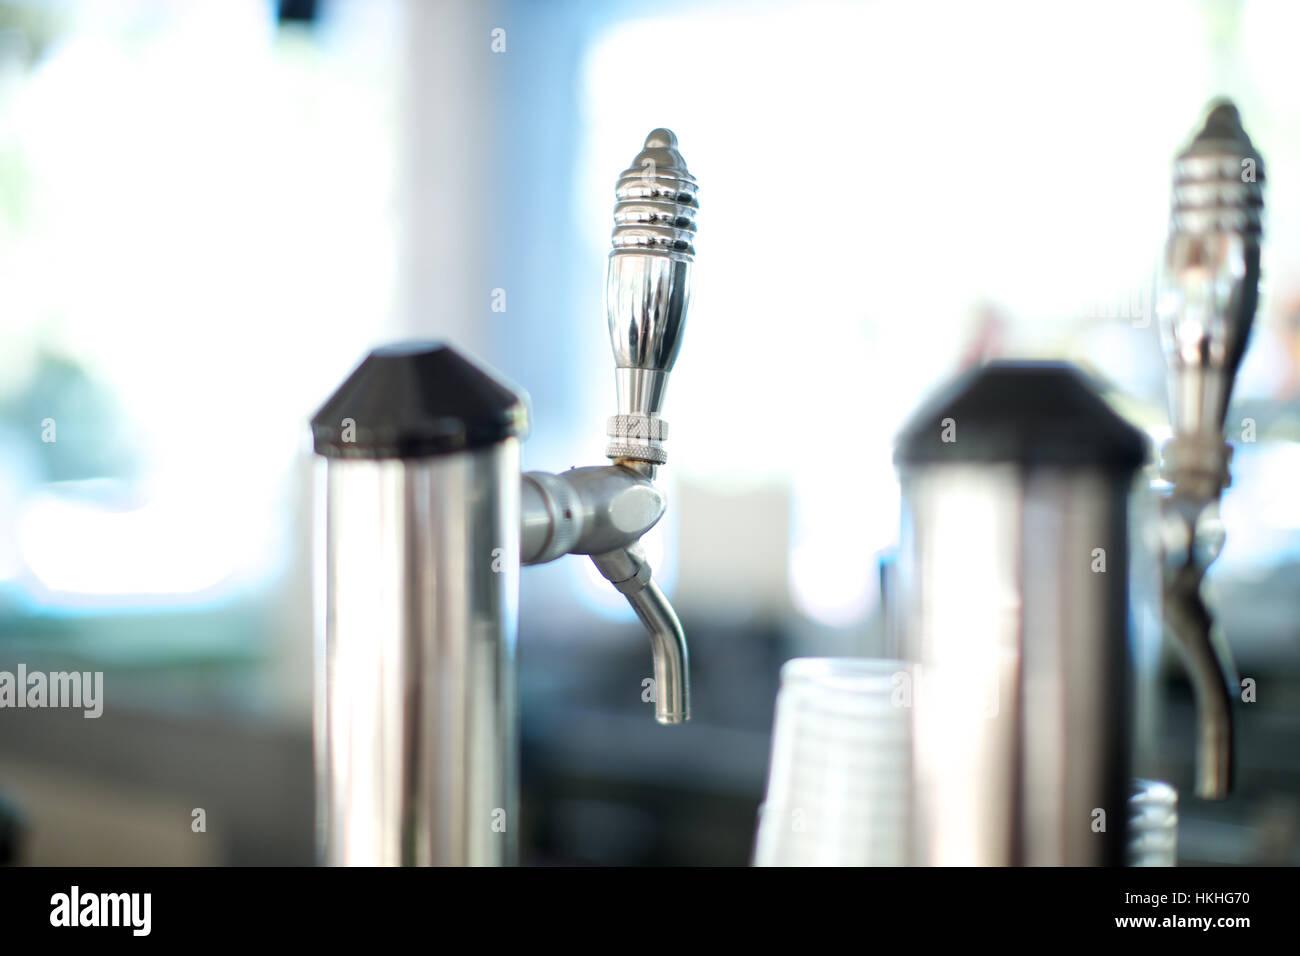 draft beer pump at bar. alcohol, beverage, beer, close up. - Stock Image